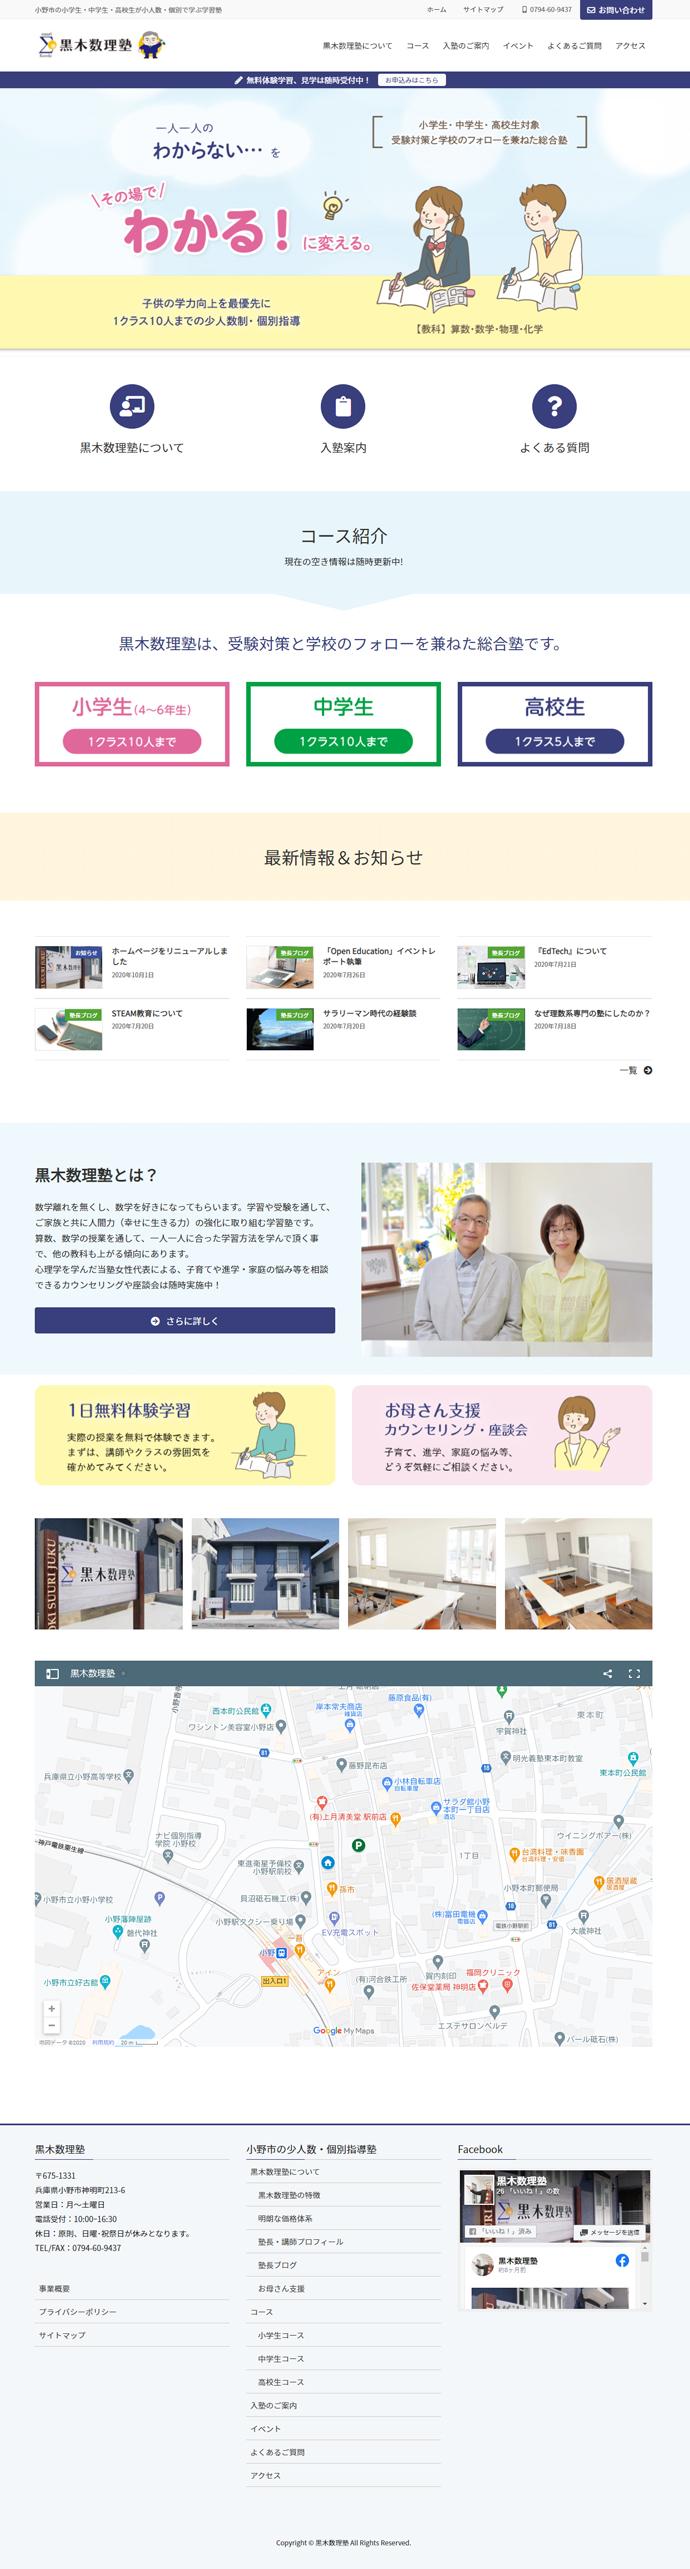 黒木数理塾WEBサイトデザイン